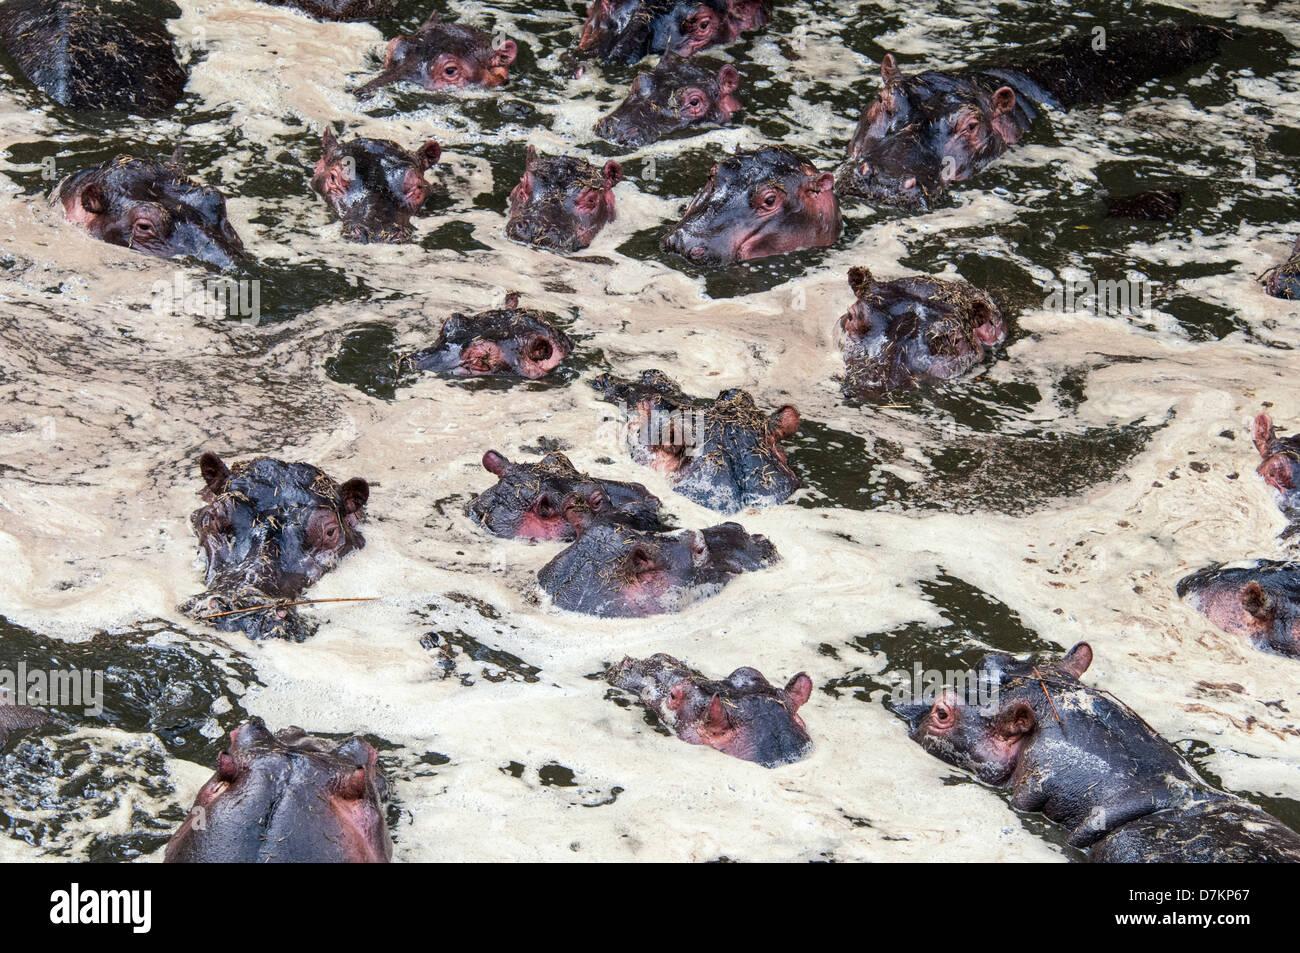 Gruppo di ippopotami, Hippopotamus amphibius, in acqua inquinata con i loro rifiuti a causa della siccità, Immagini Stock